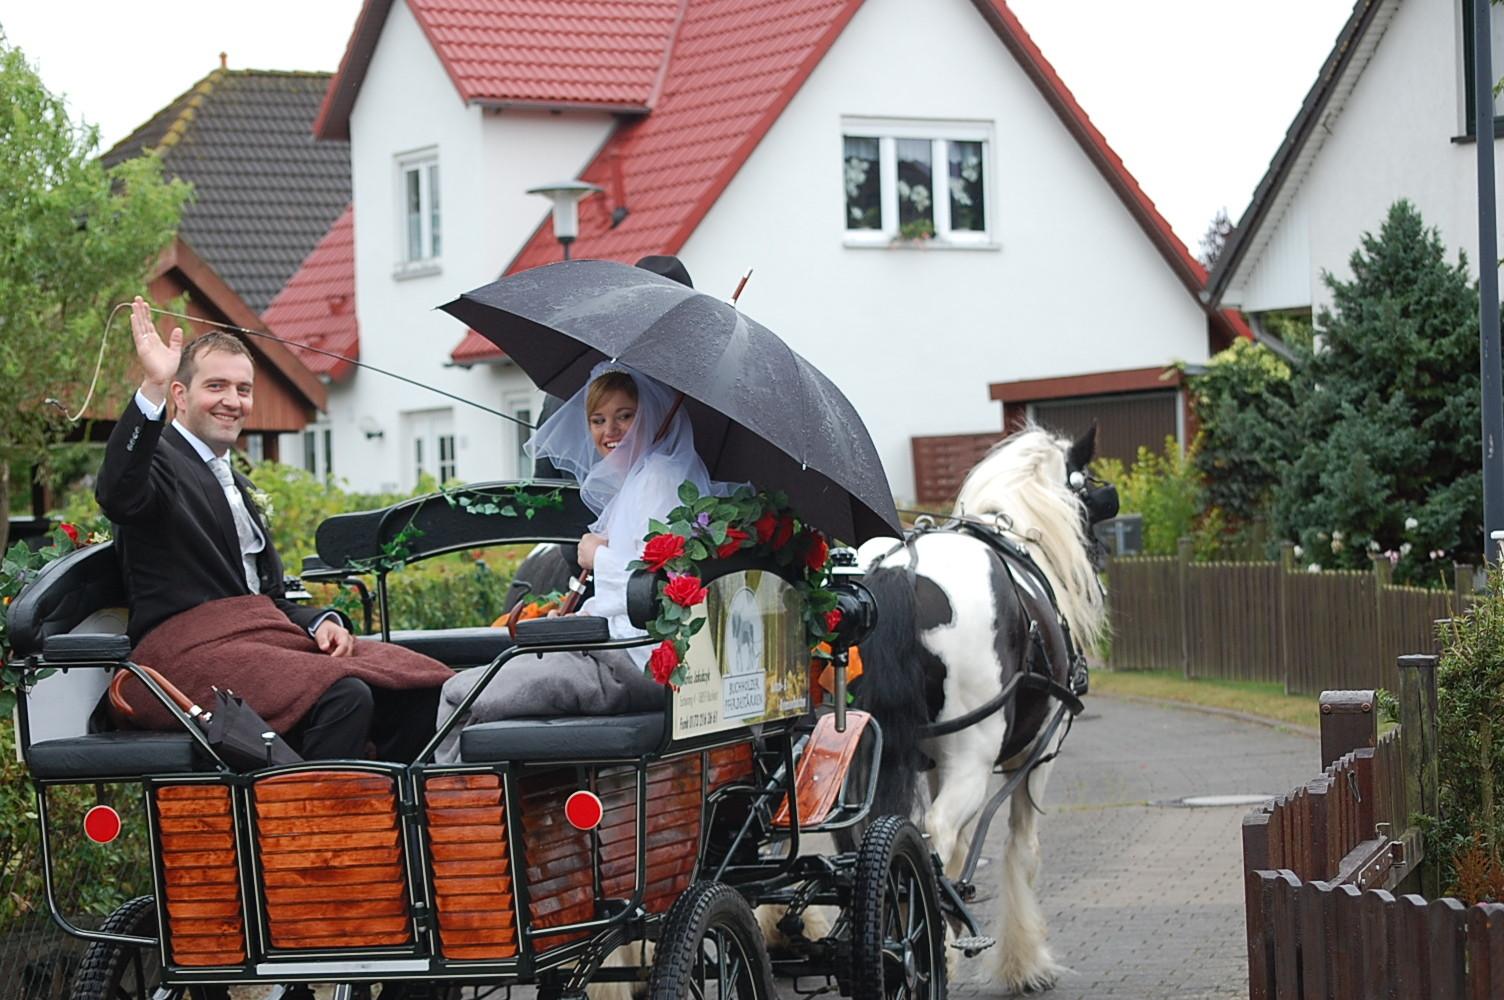 Hochzeitskutsche bei Rostock /mit freundlicher Genehmigung des Brautpaares